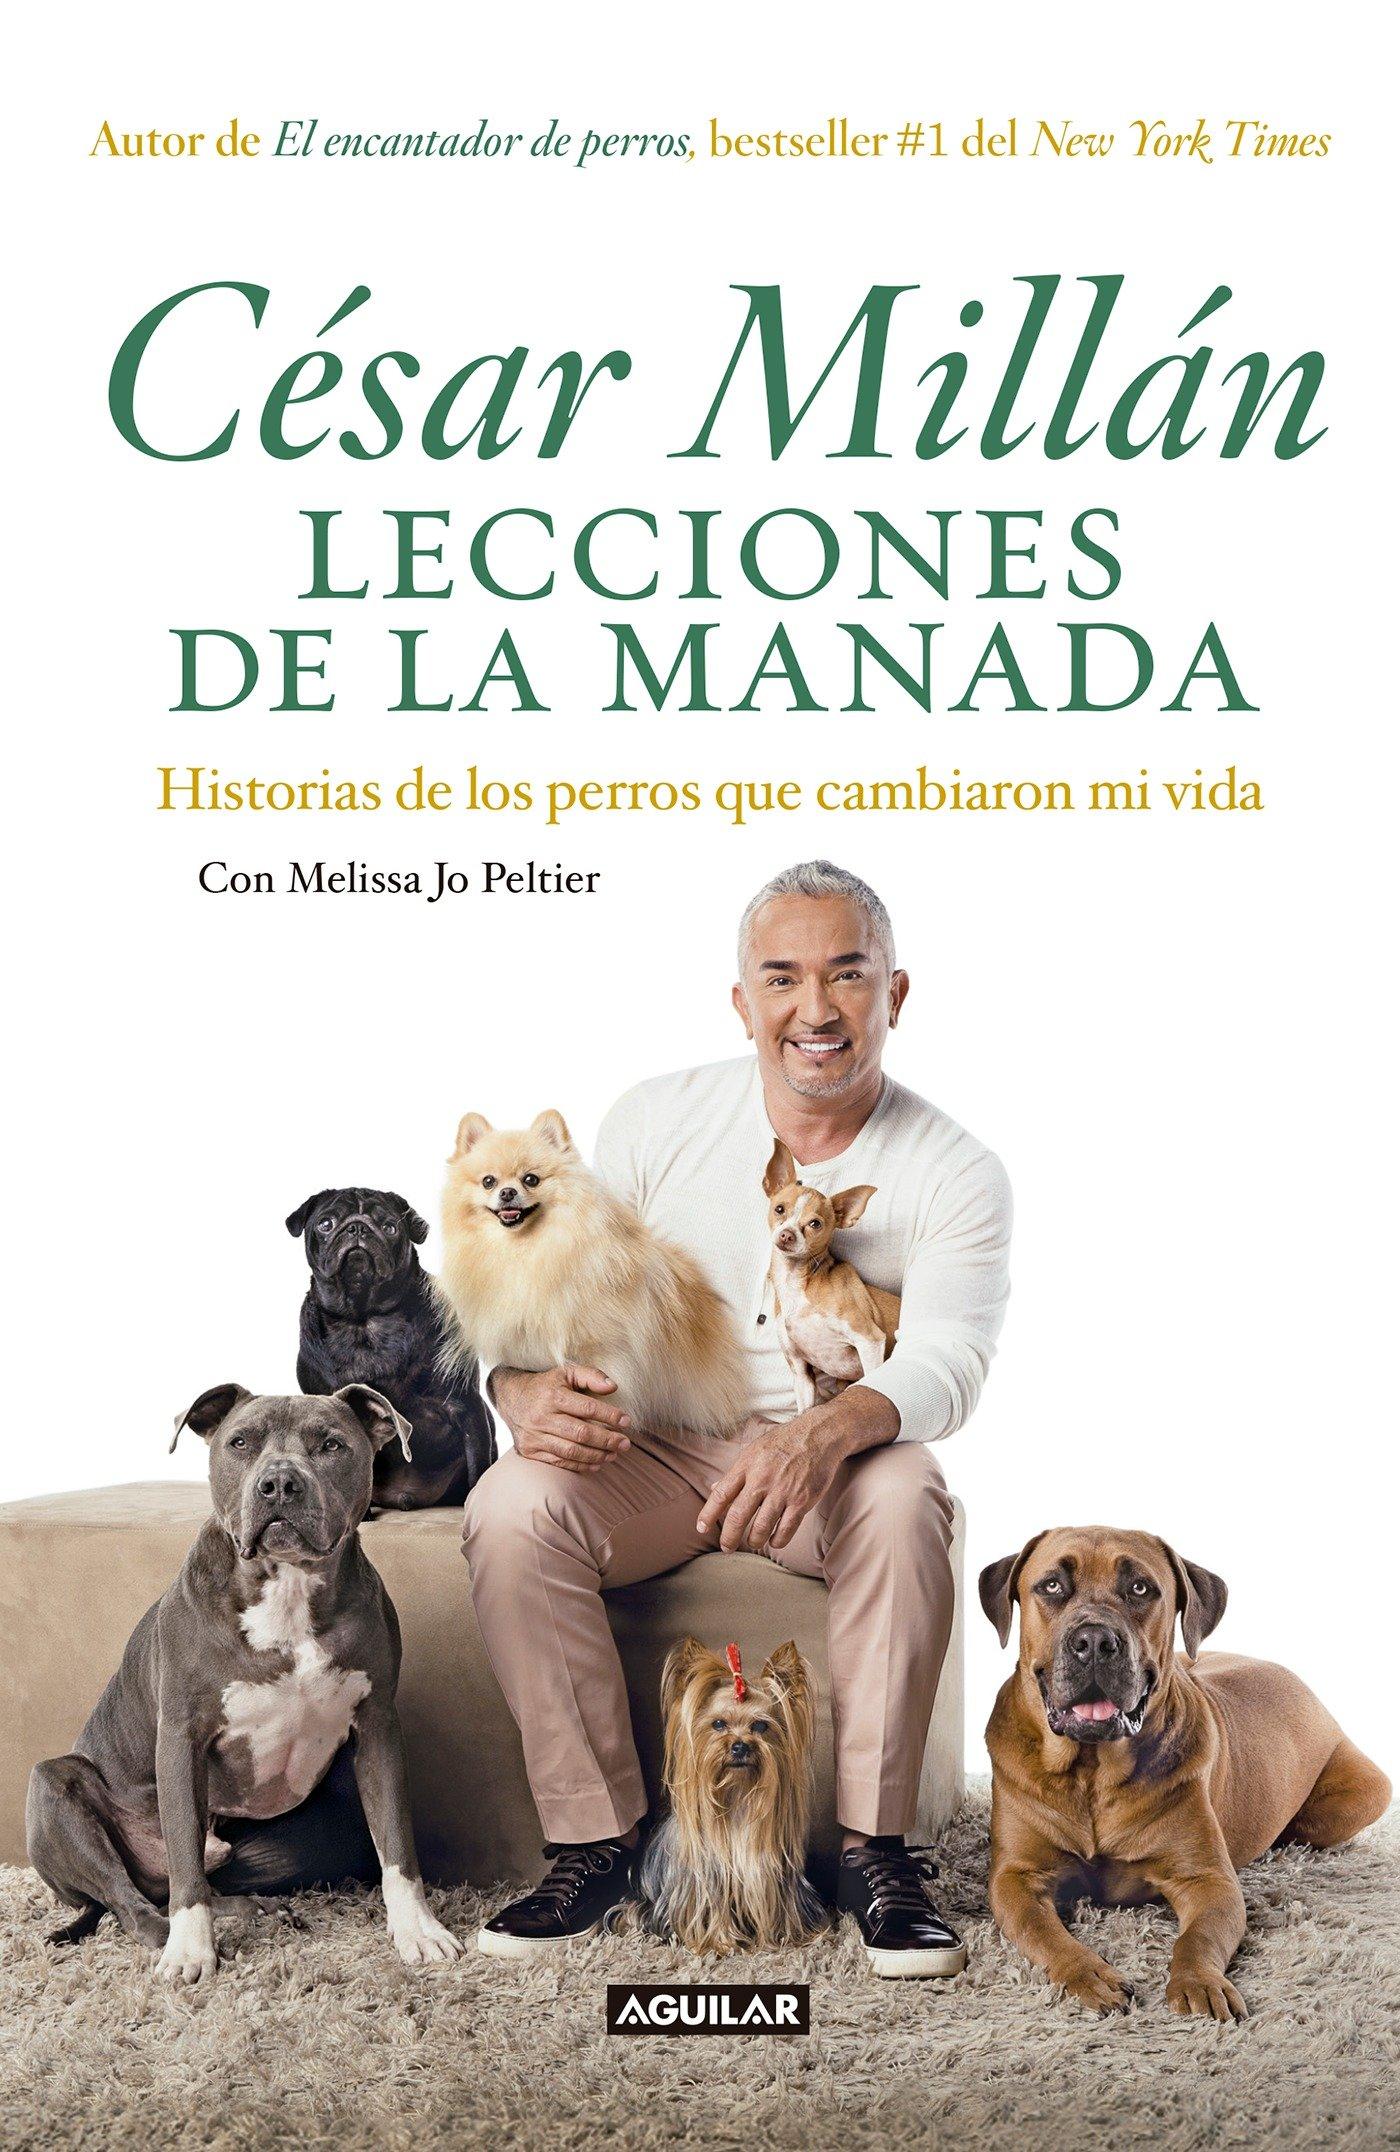 Lecciones de la manada/Cesar Millan's Lessons From the Pack: Historias de los perros que cambiaron mi vida (Spanish Edition)